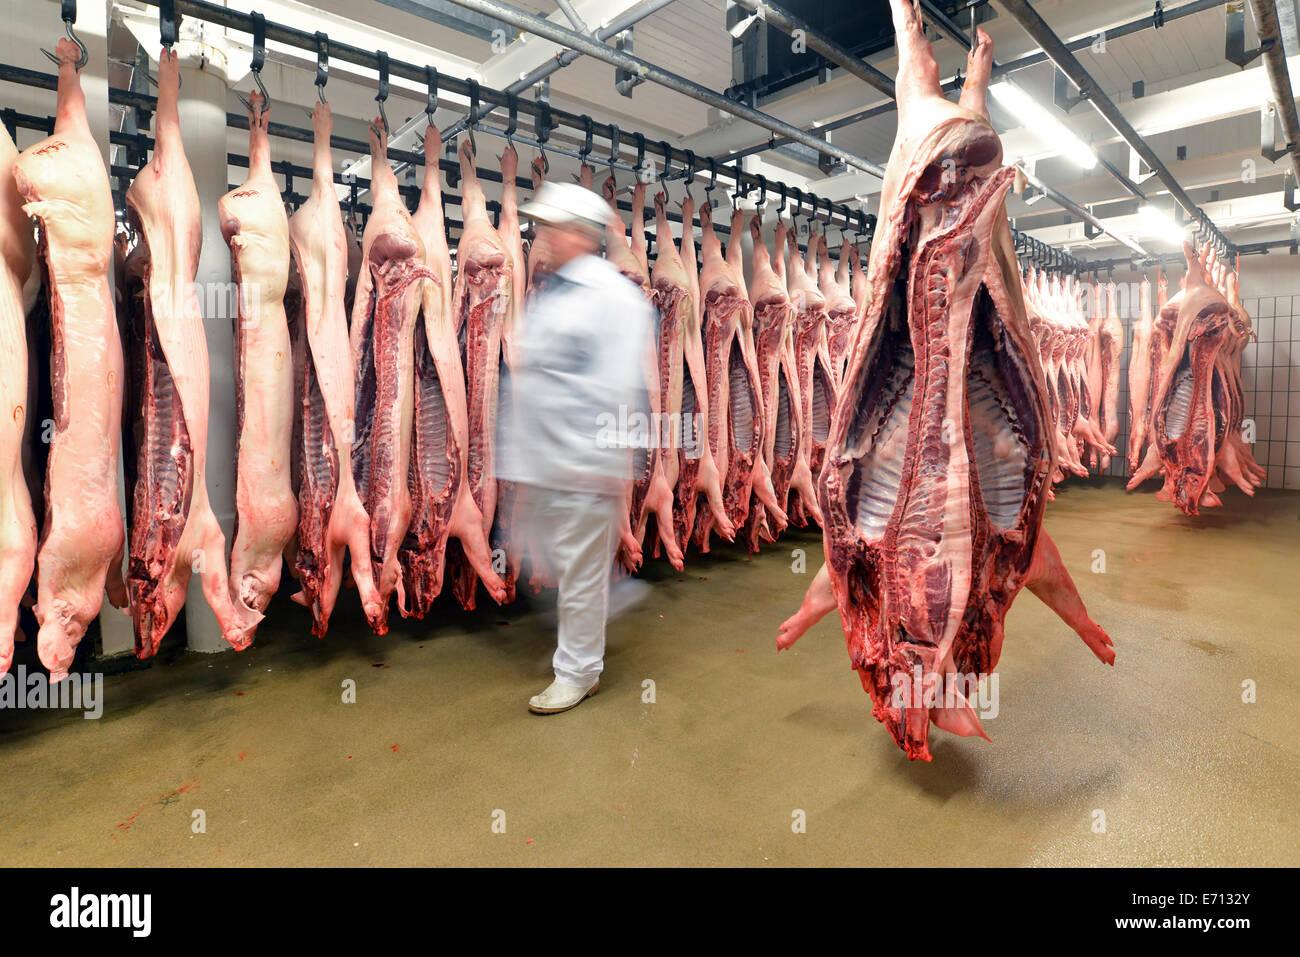 Côtés de porc dans la chambre froide d'un abattoir Photo Stock